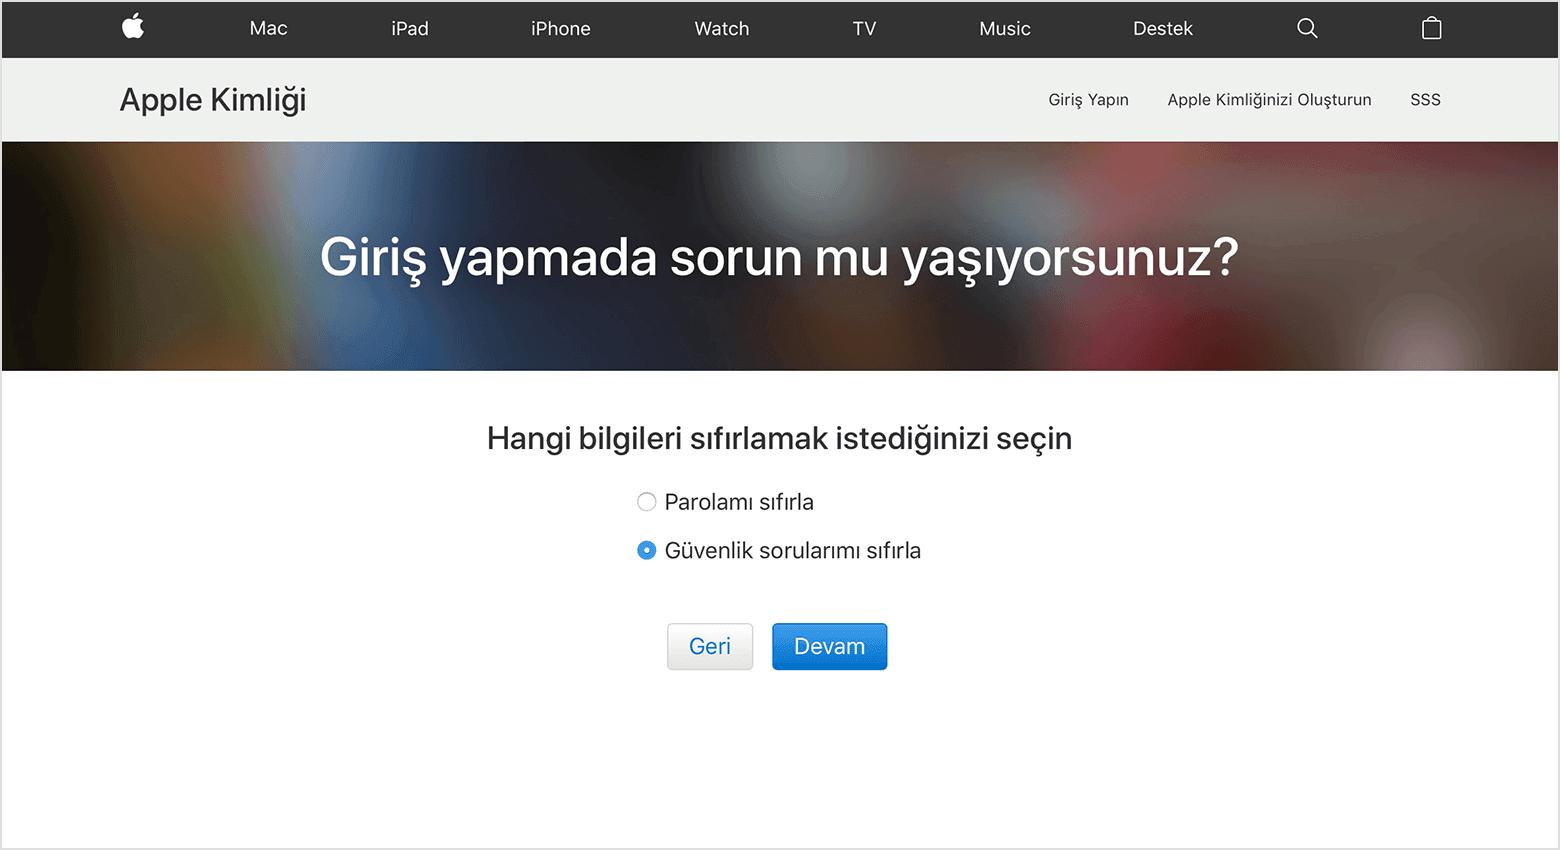 Apple Kimliği Güvenlik Sorularını Sıfırlama